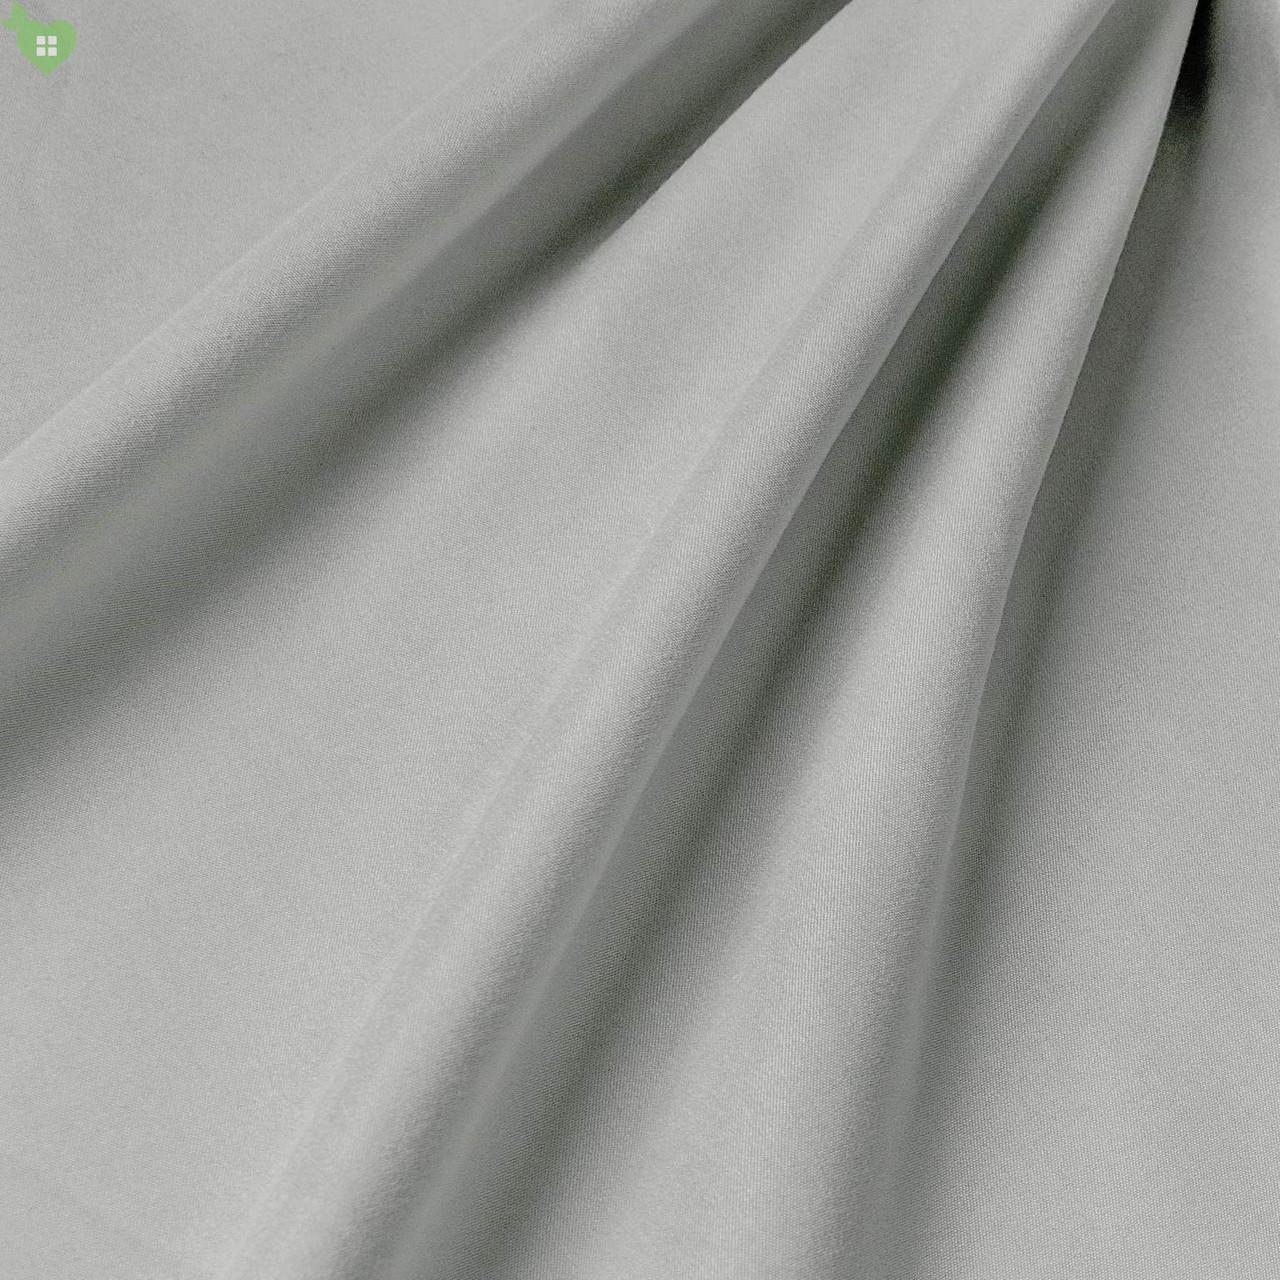 Подкладочная ткань с матовой фактурой перламутрового темно-серого цвета Испания 83327v30